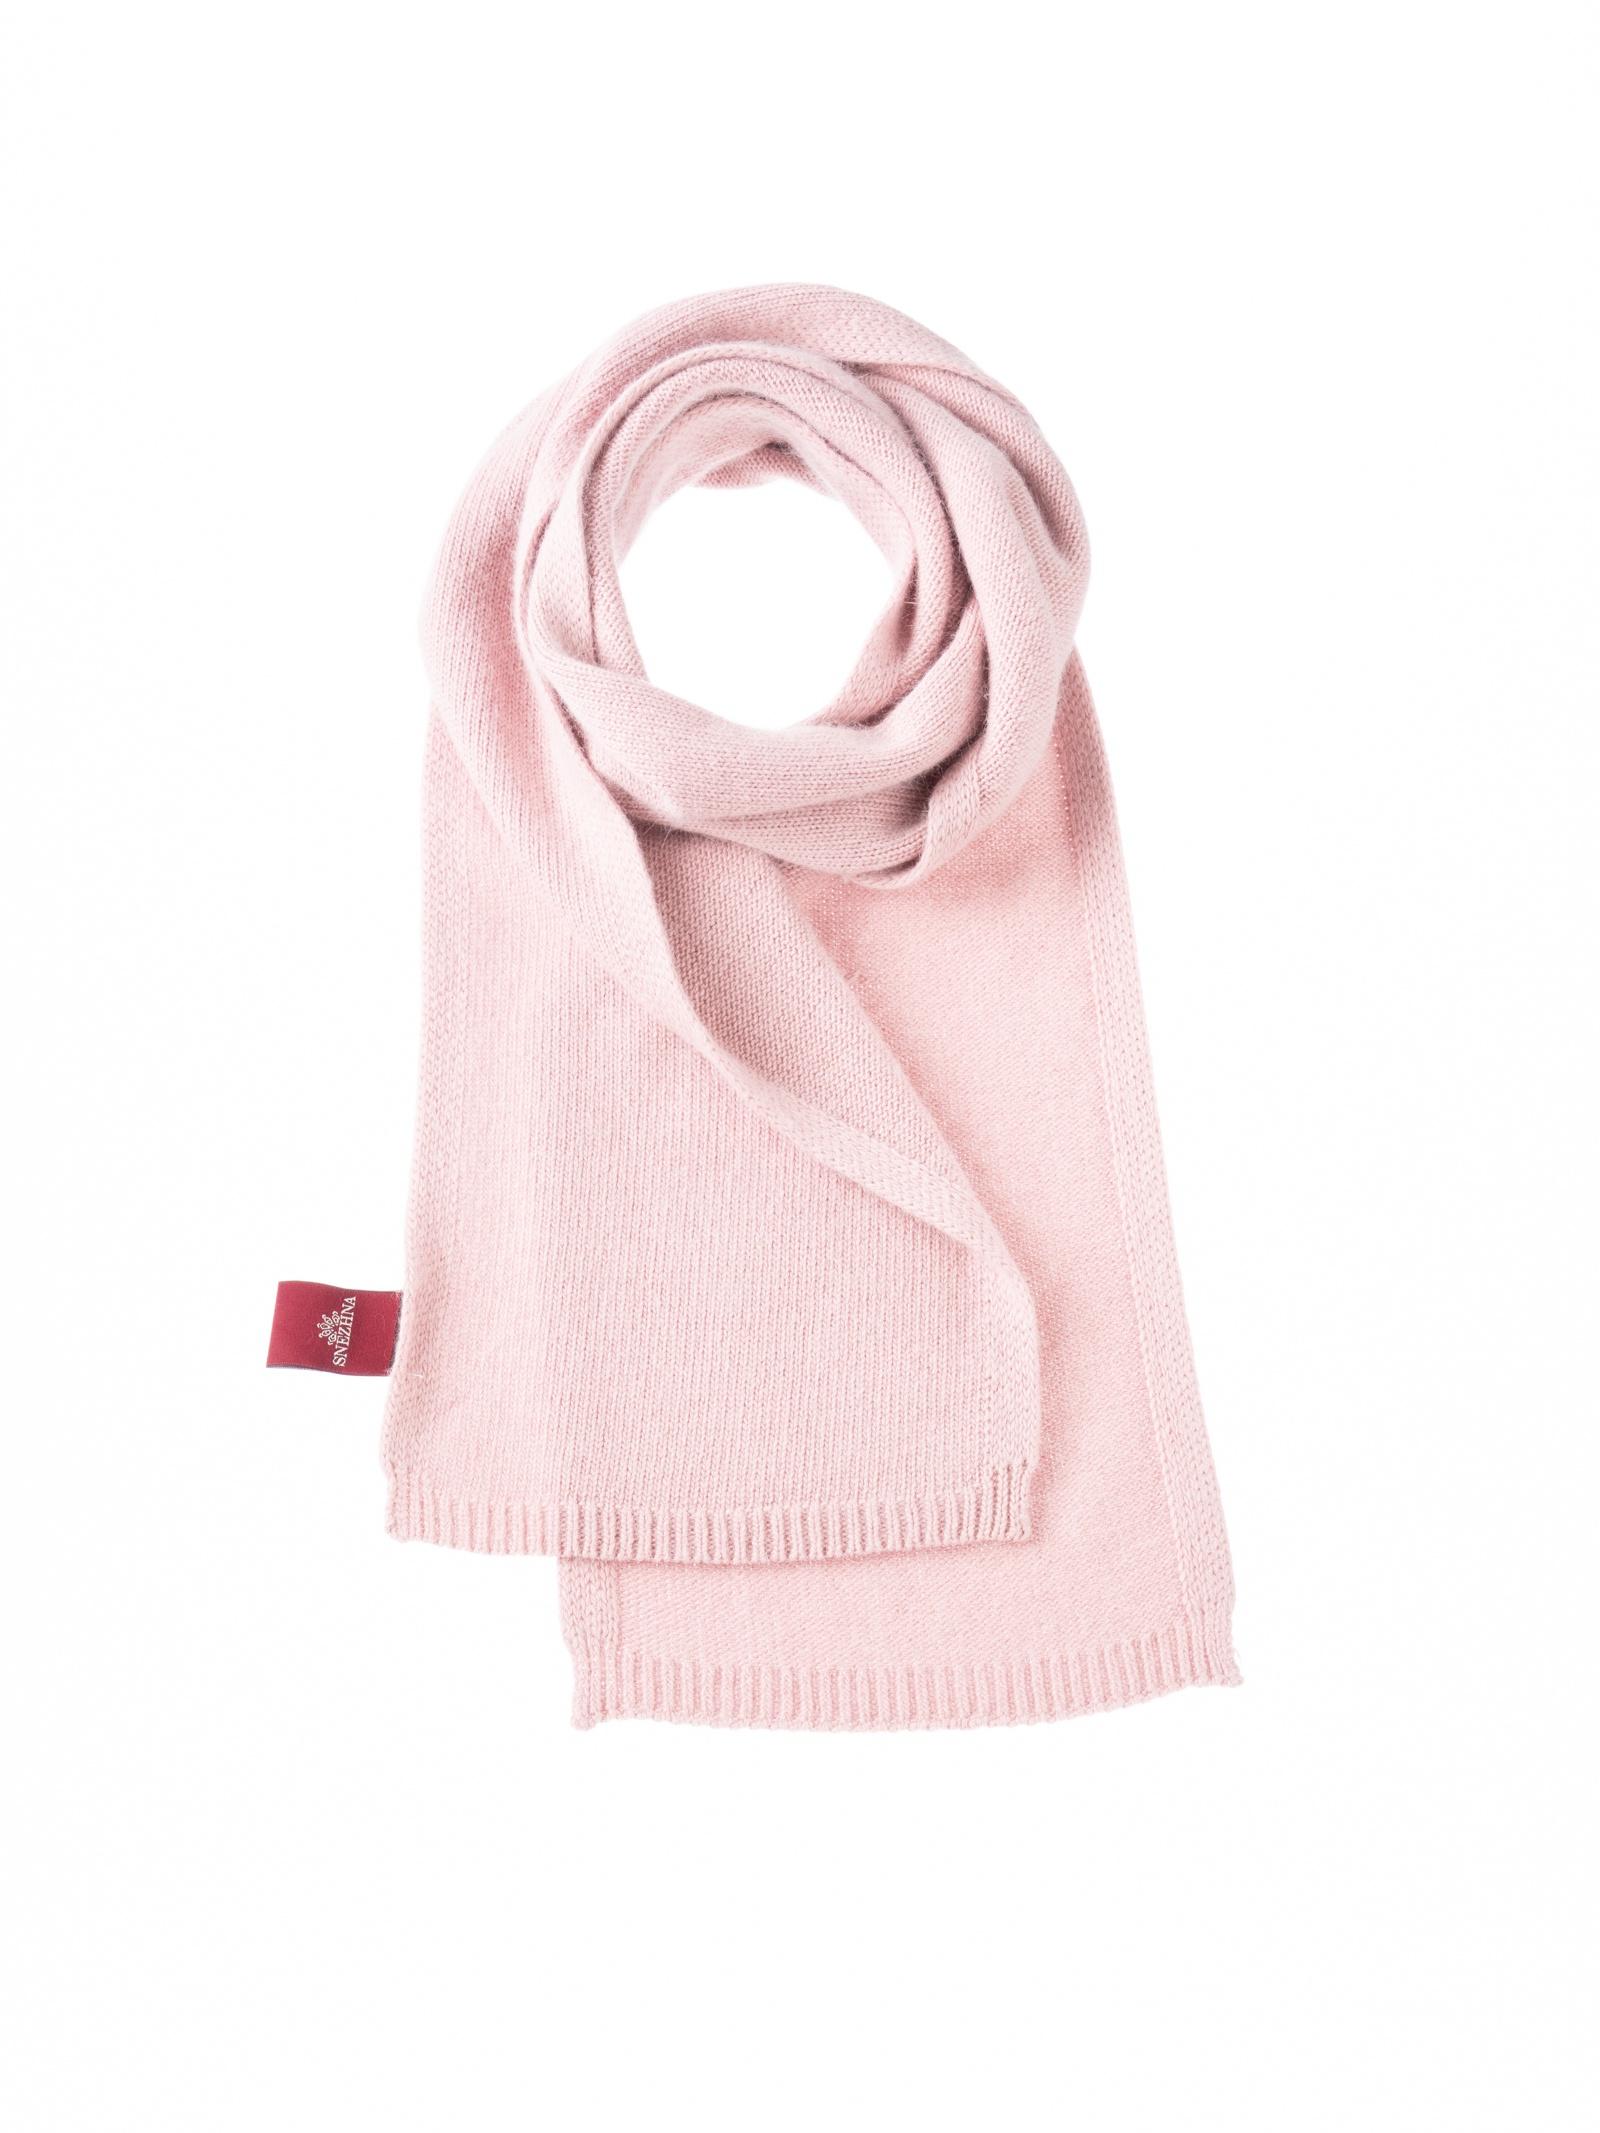 прежние времена шарфы тонкие женские бледно розового цвета фото домашней мастики для